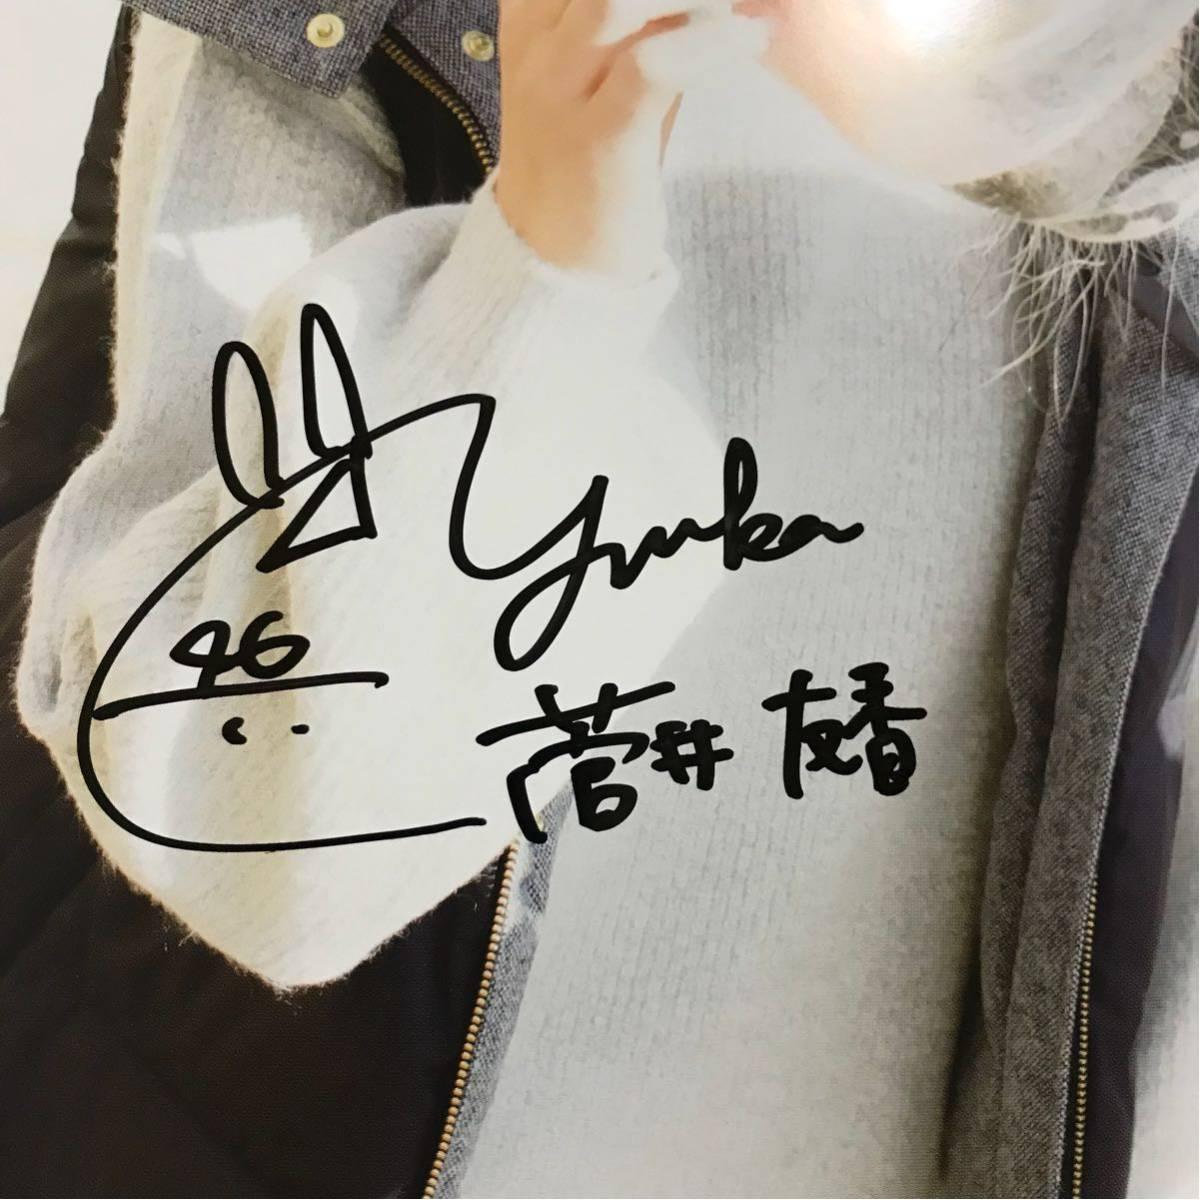 欅坂46 菅井友香 1st写真集 フィアンセ サイン入り写真集 お渡し会_画像2